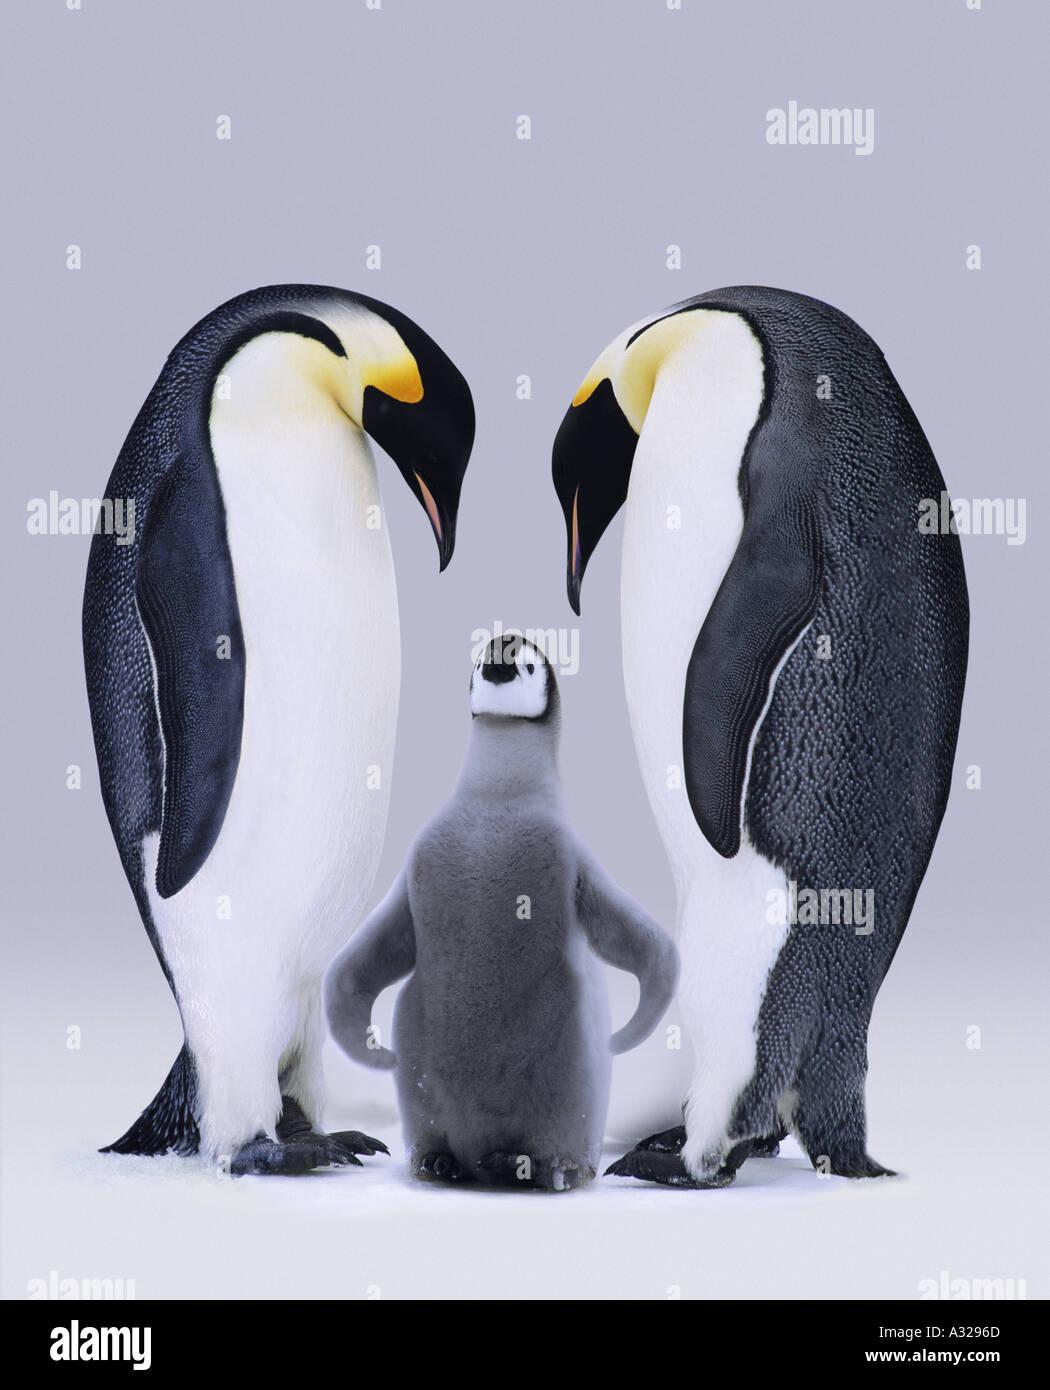 Emperor penguins Antarctica - Stock Image